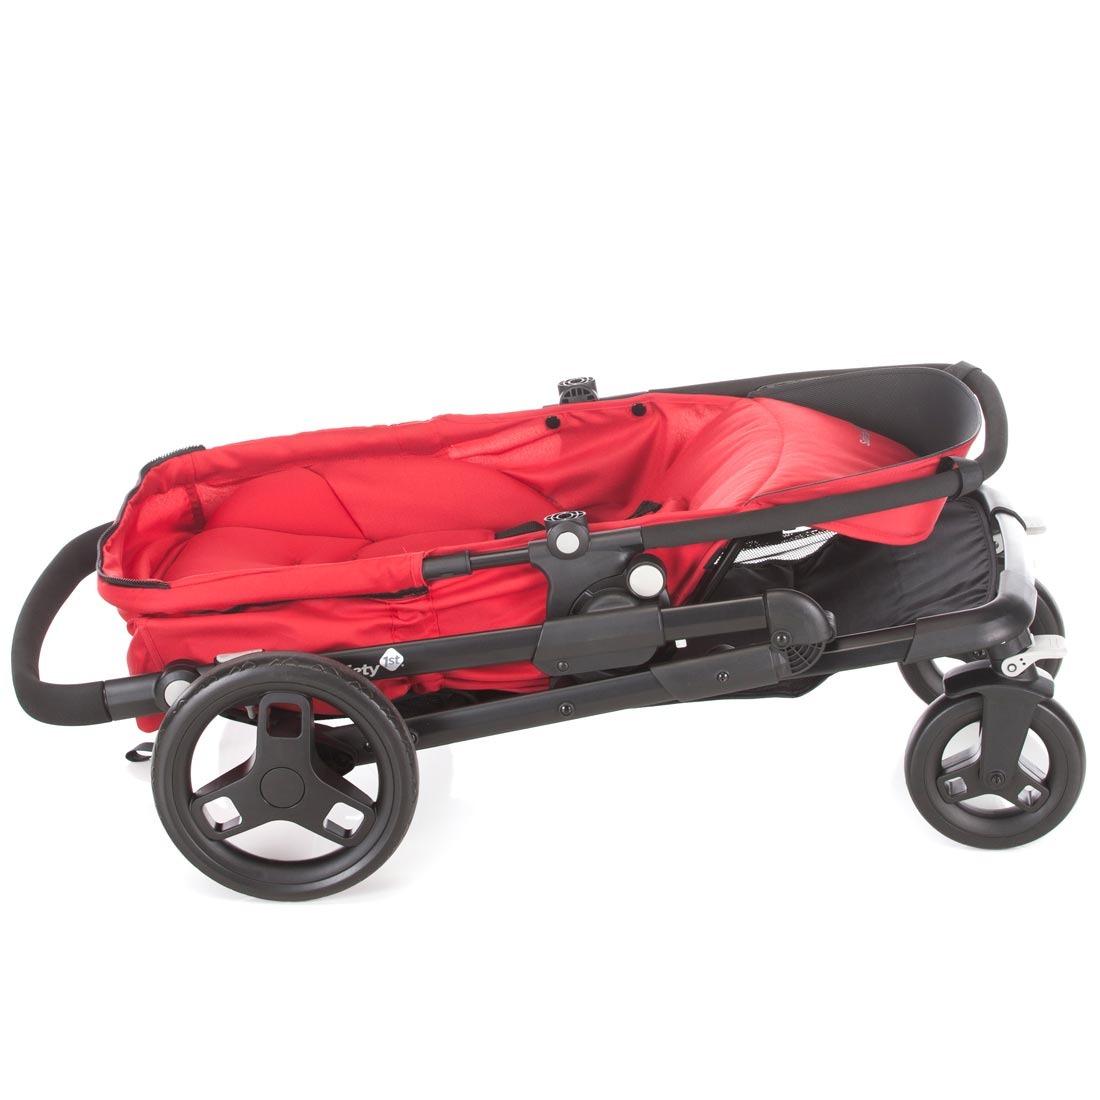 carrinho de beb kokoon com assento revers vel safety 1st r em mercado livre. Black Bedroom Furniture Sets. Home Design Ideas